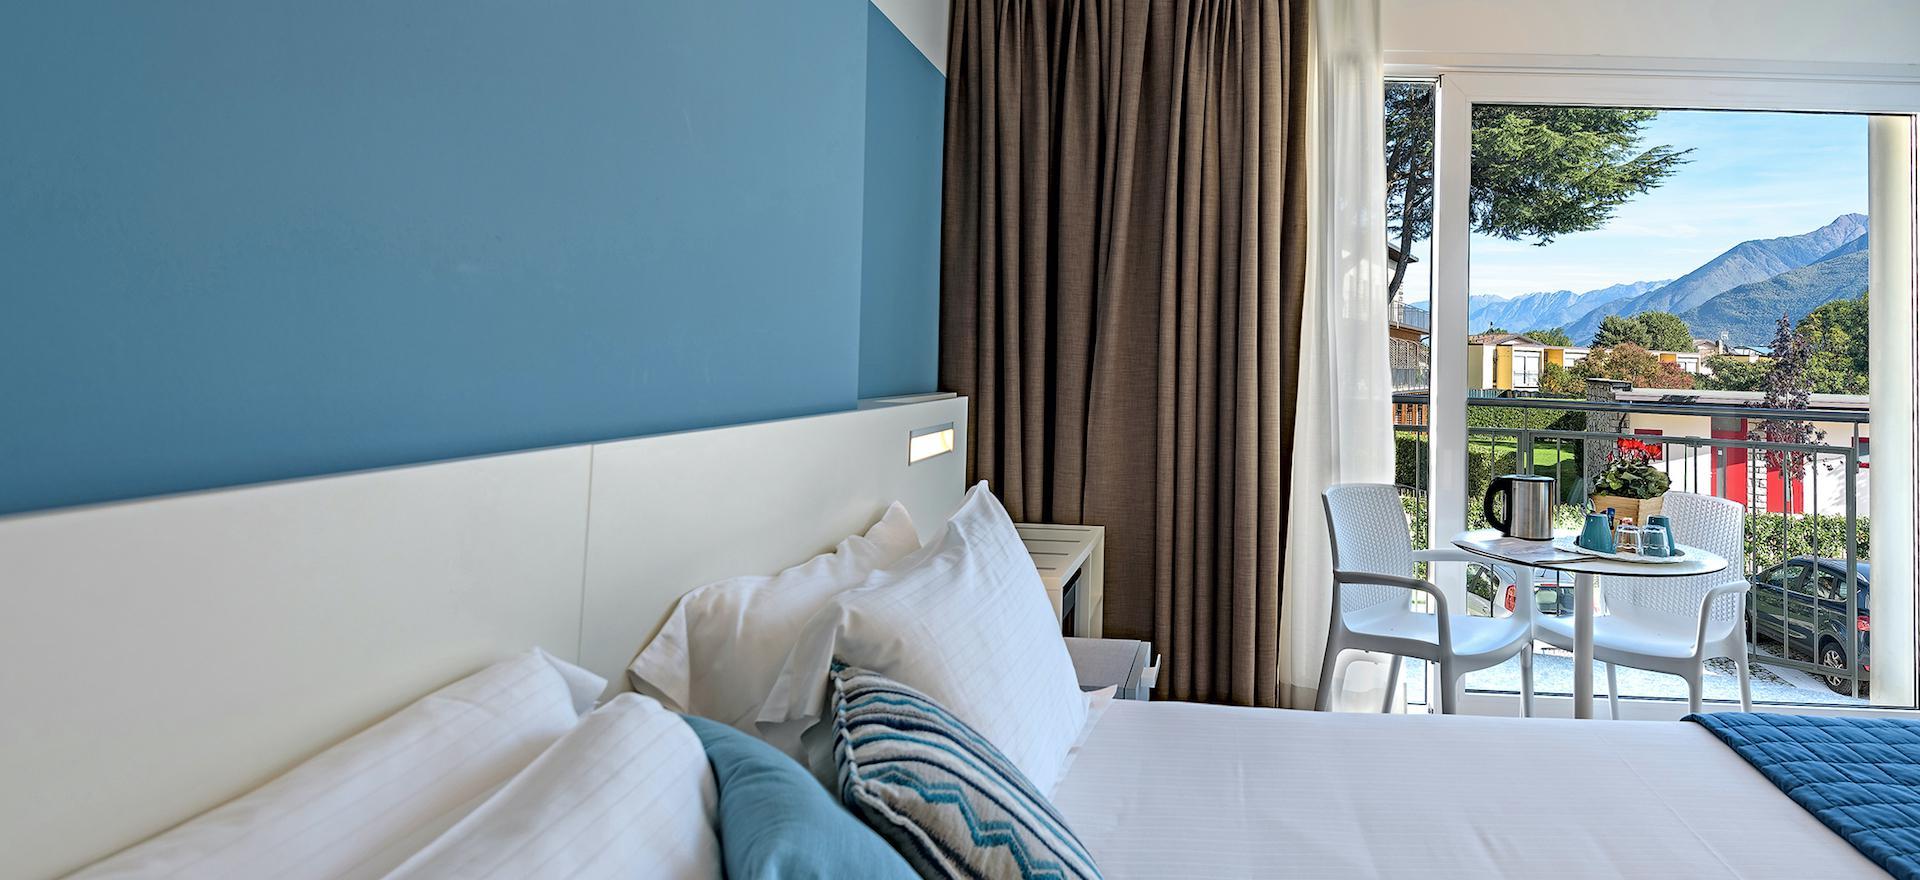 Agriturismo Comomeer en Gardameer Hotel direct aan het Comomeer en de kiezelstranden